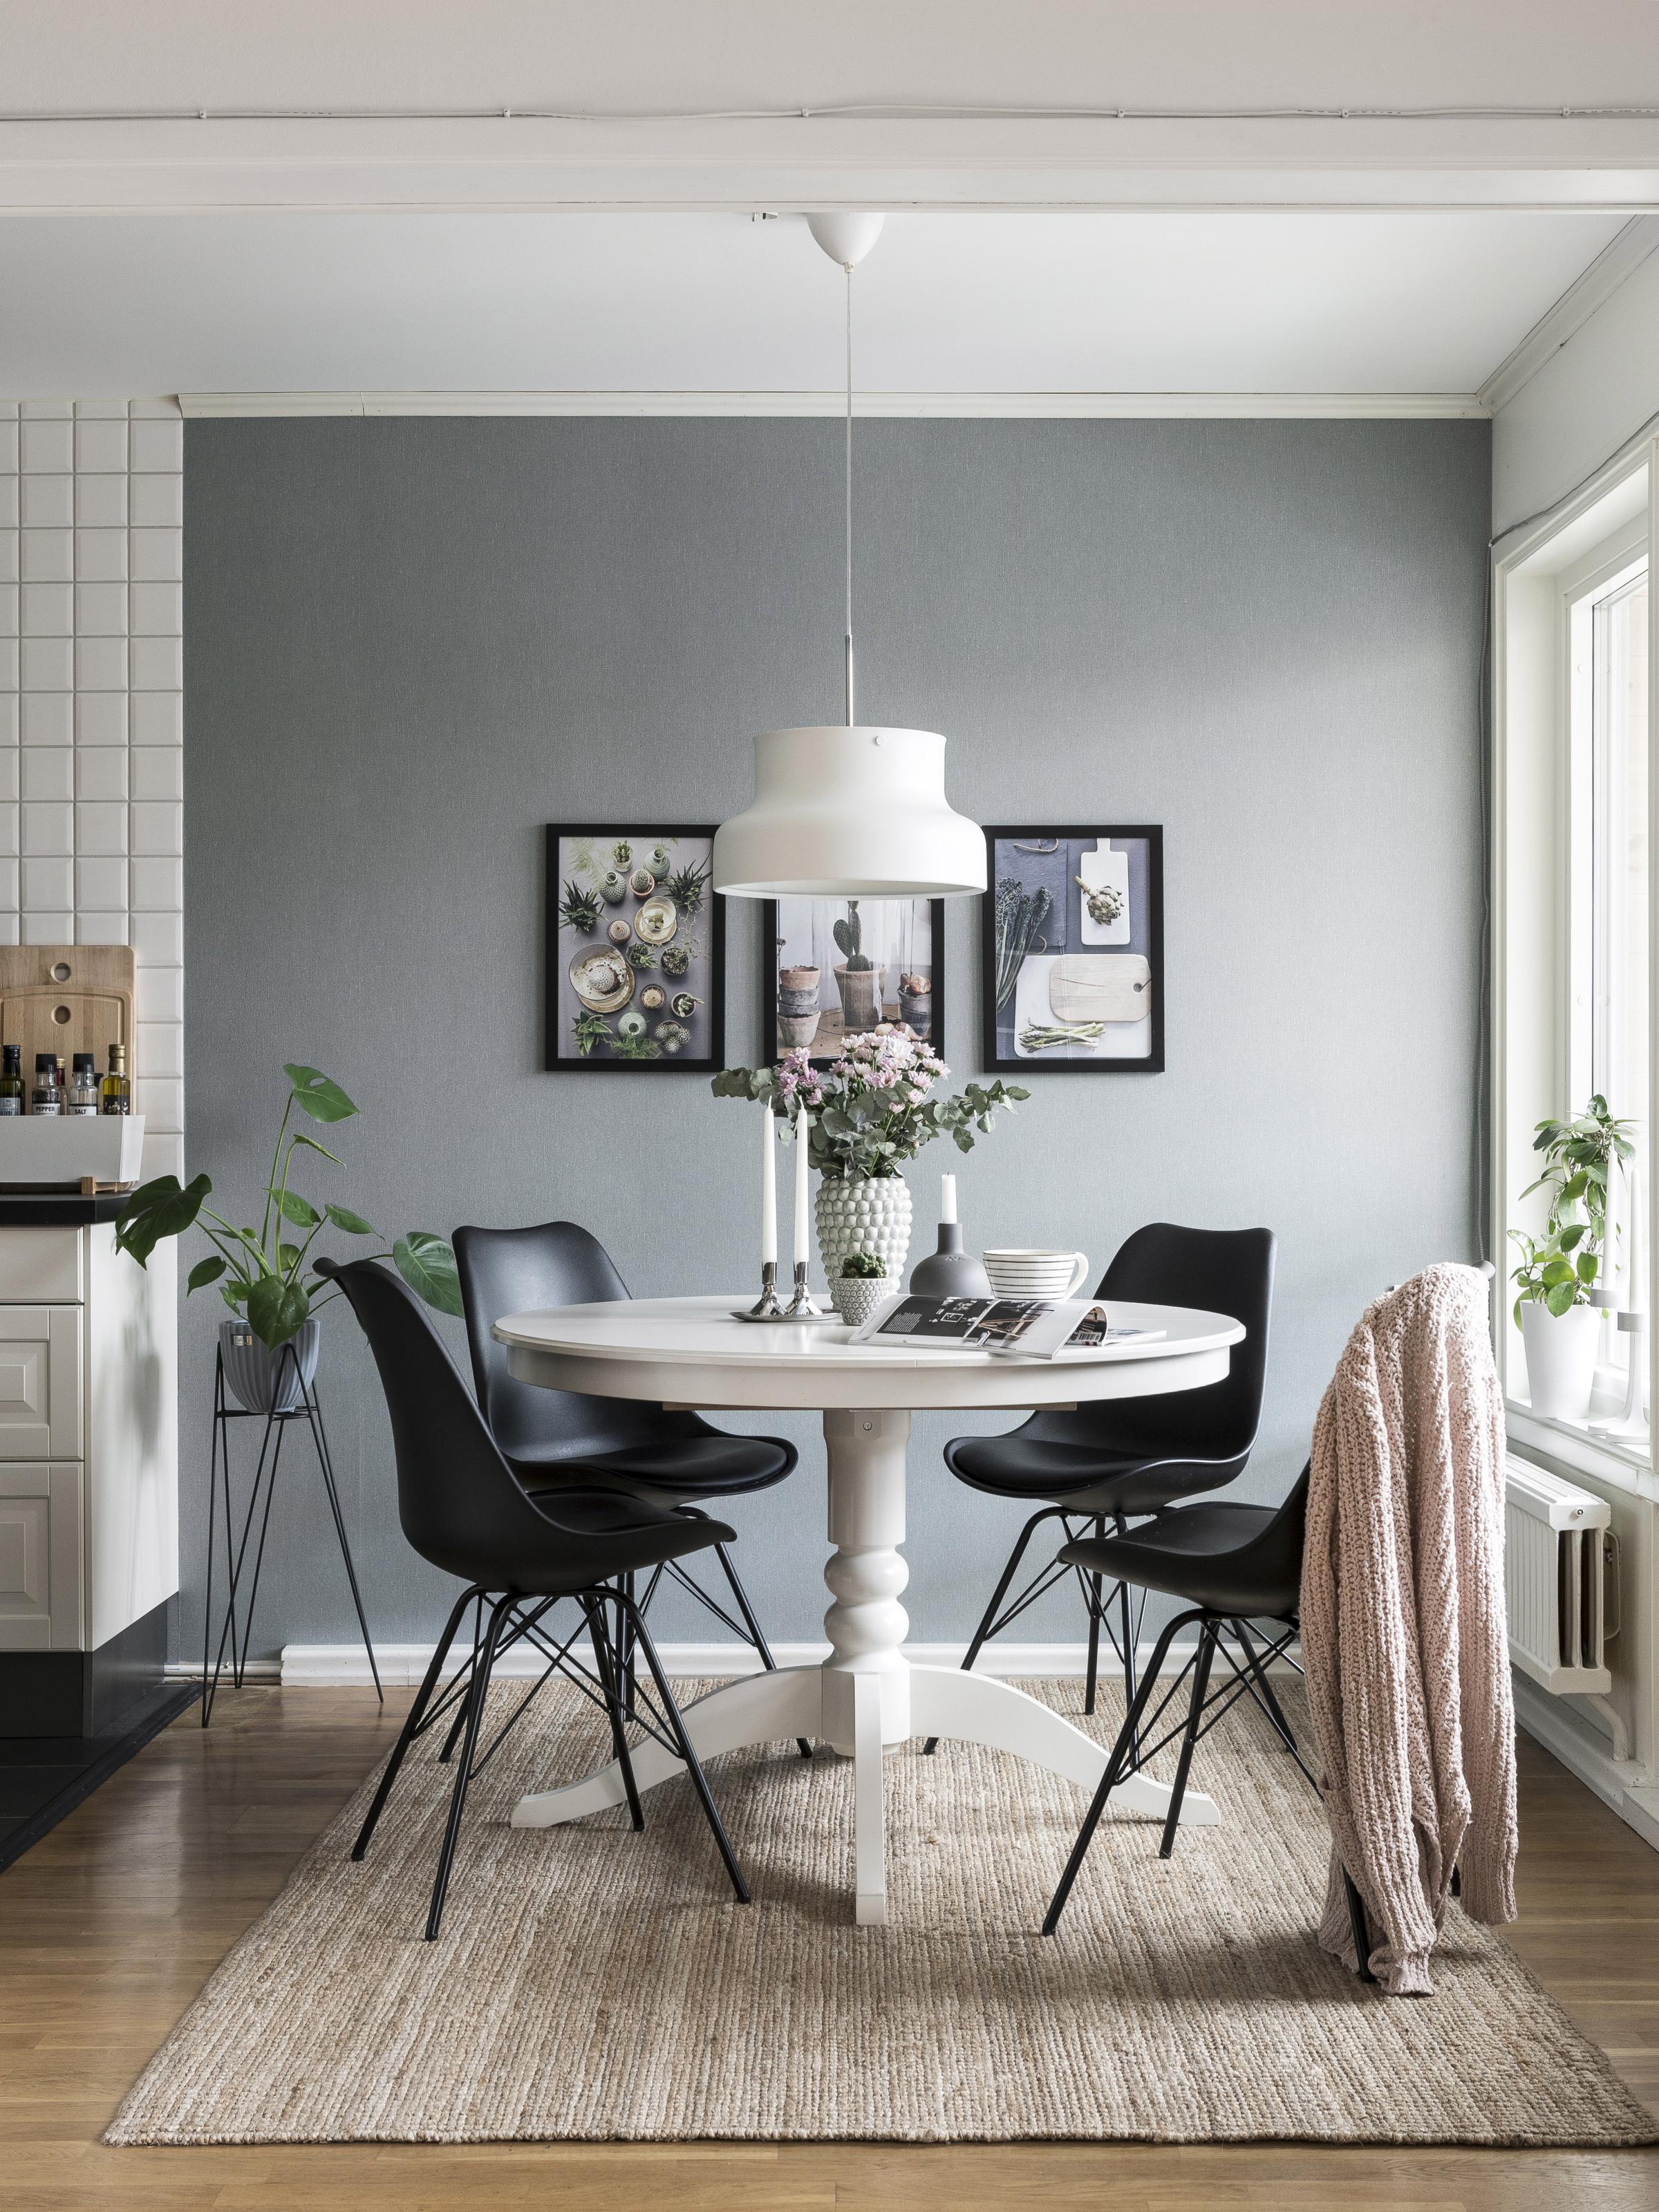 Så här snyggt blir det med svart och vitt mot vilsamt grå väggar ...